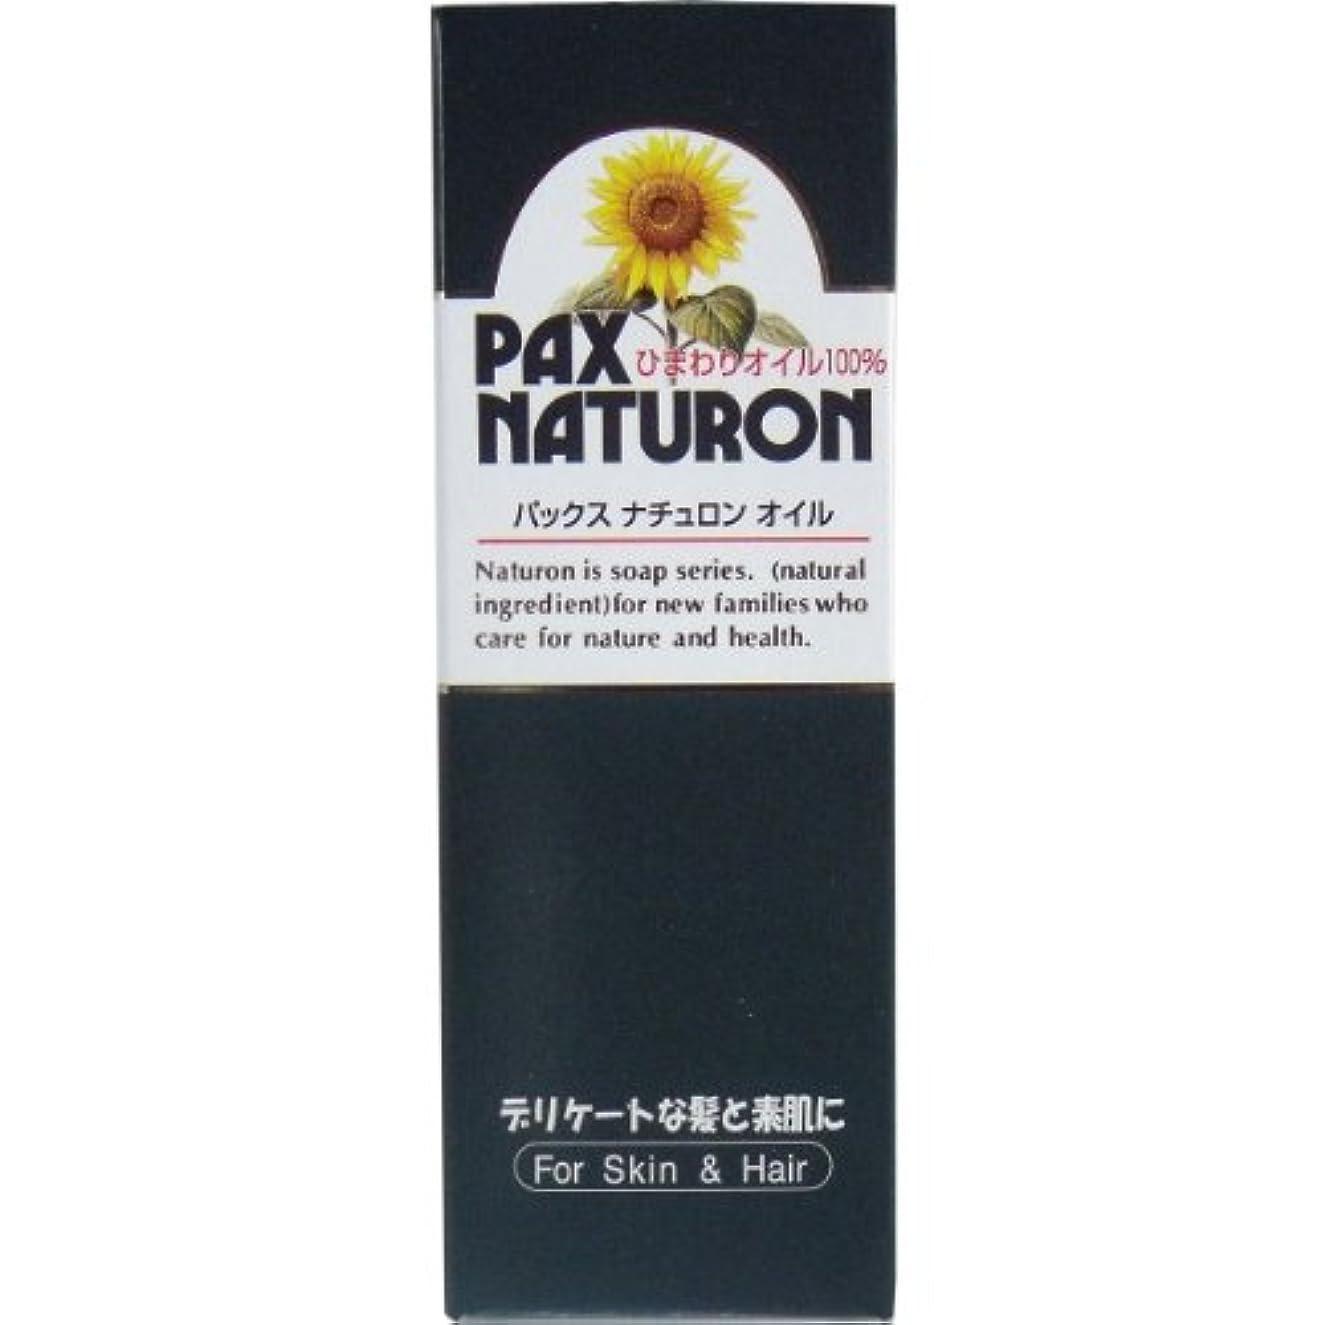 毒額領域パックスナチュロン オイル (ひまわりオイル100%) 60mL 太陽油脂